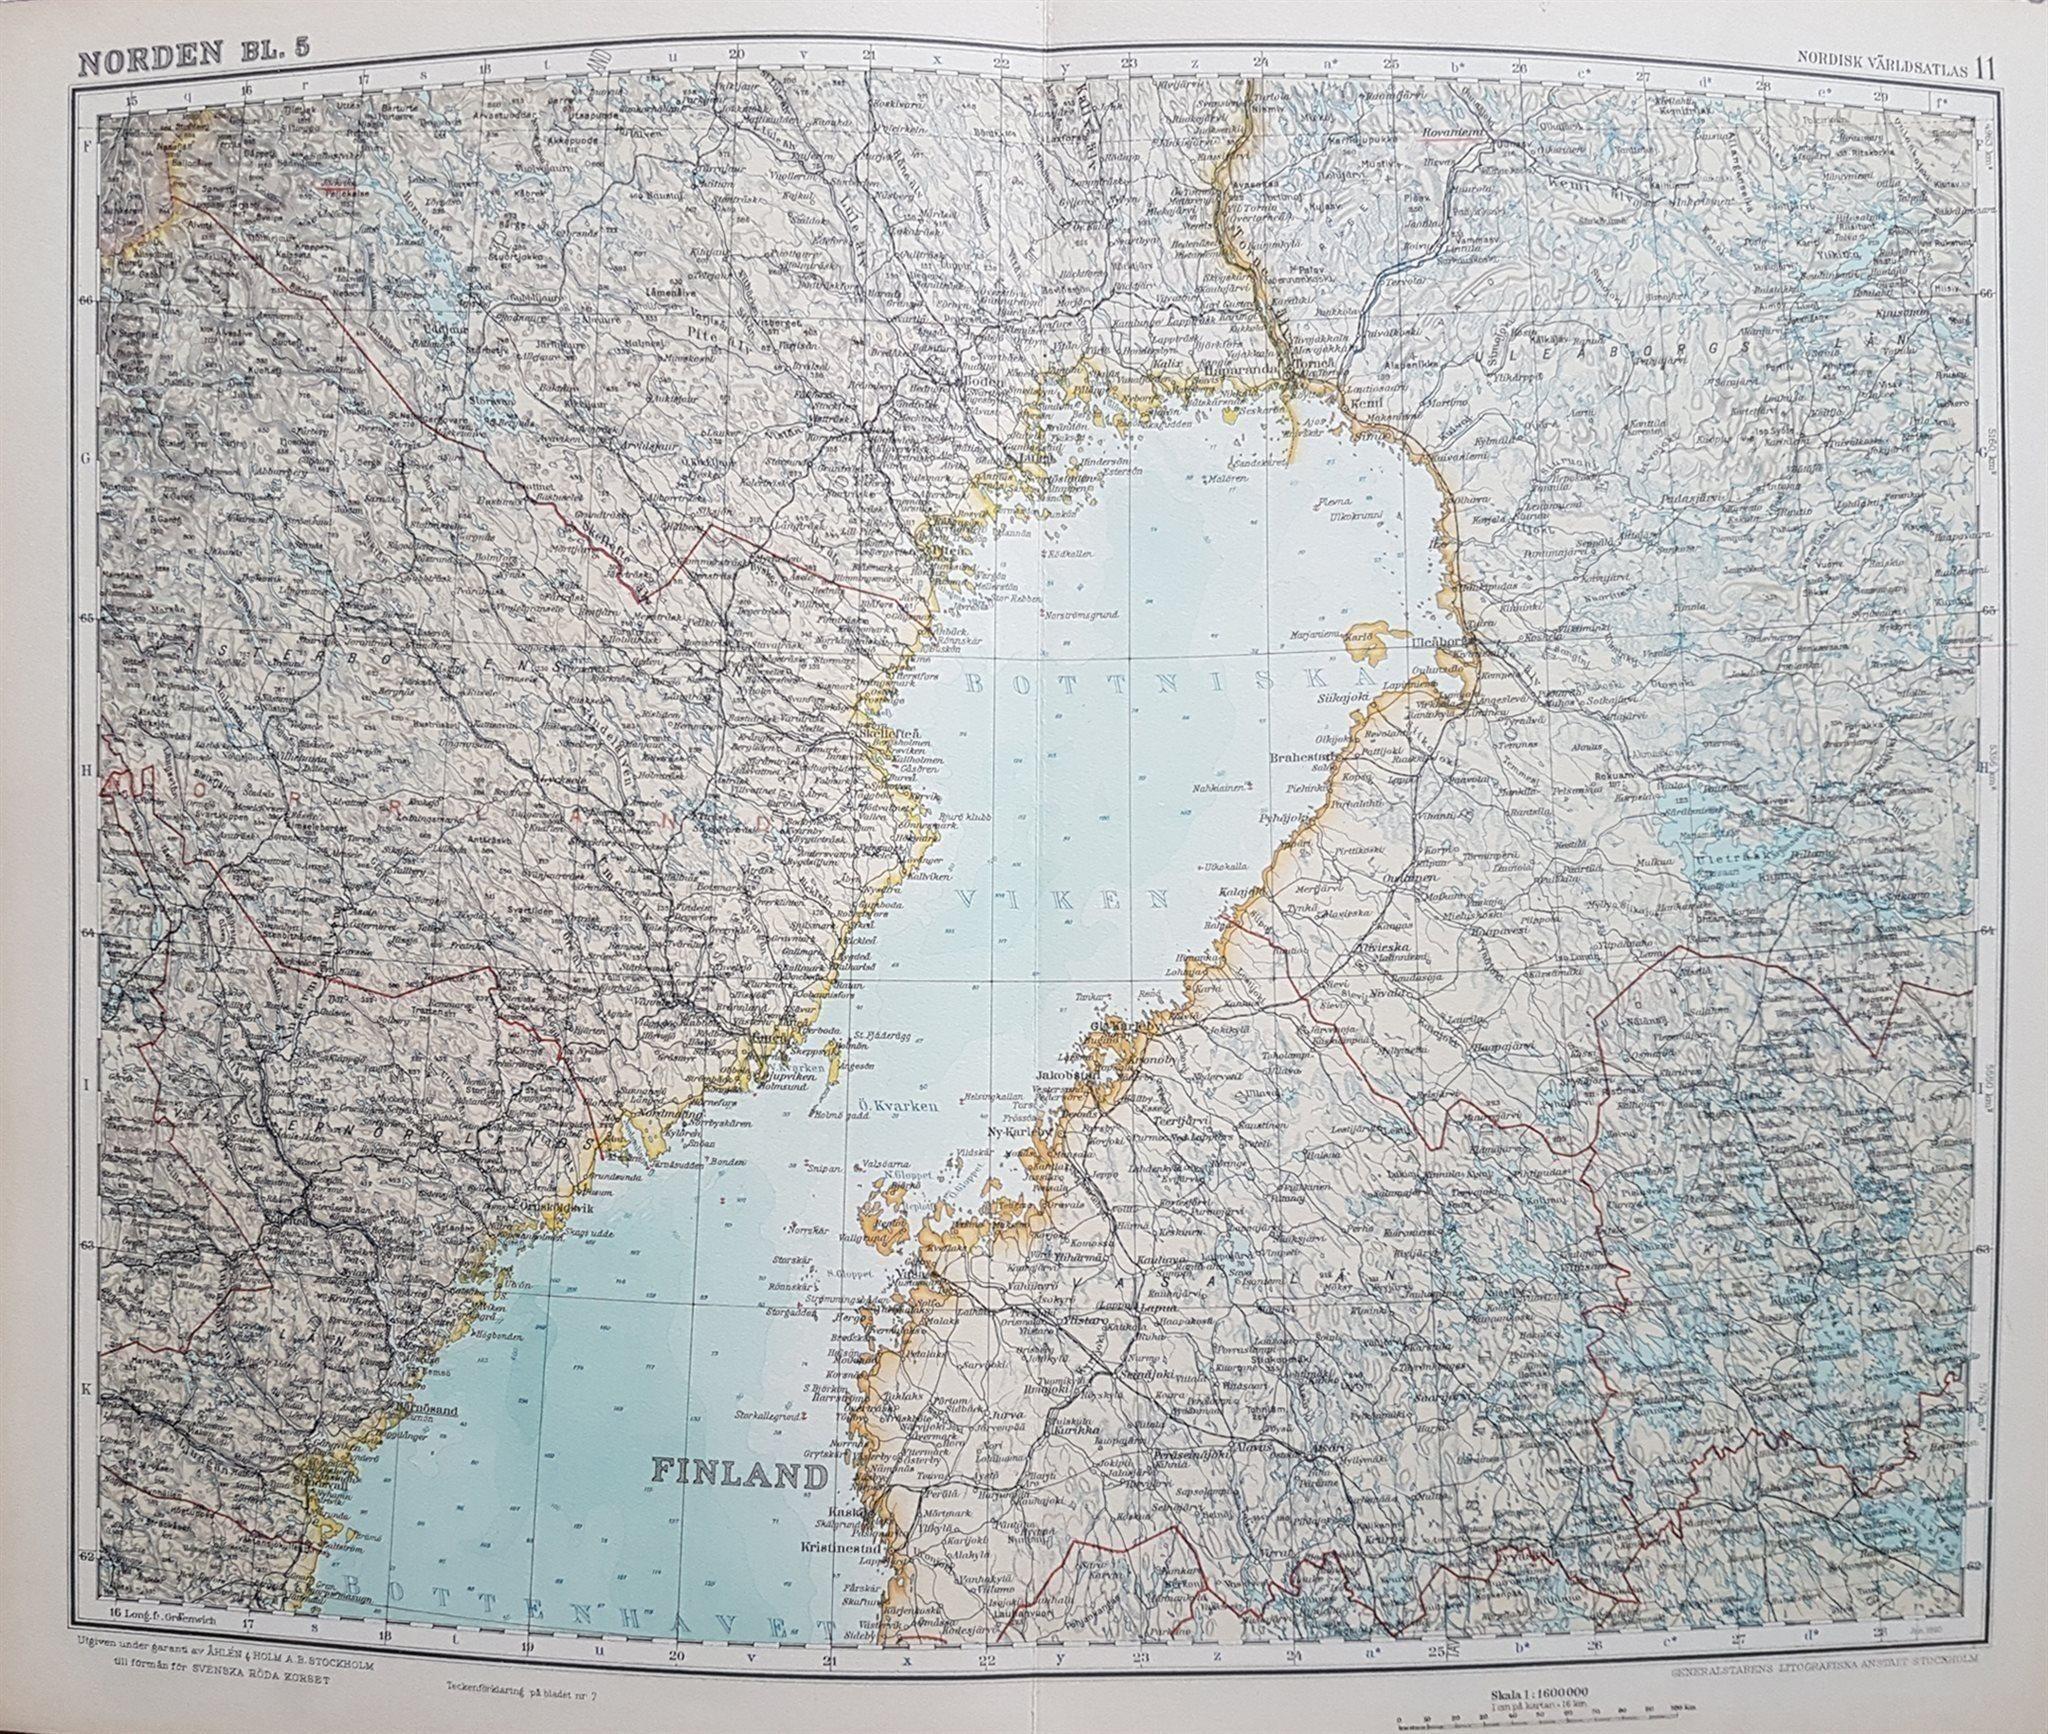 Karta Syd Norge.Akta Antik Karta Over Norra Sverige Norge Finla 343031861 ᐈ Kop